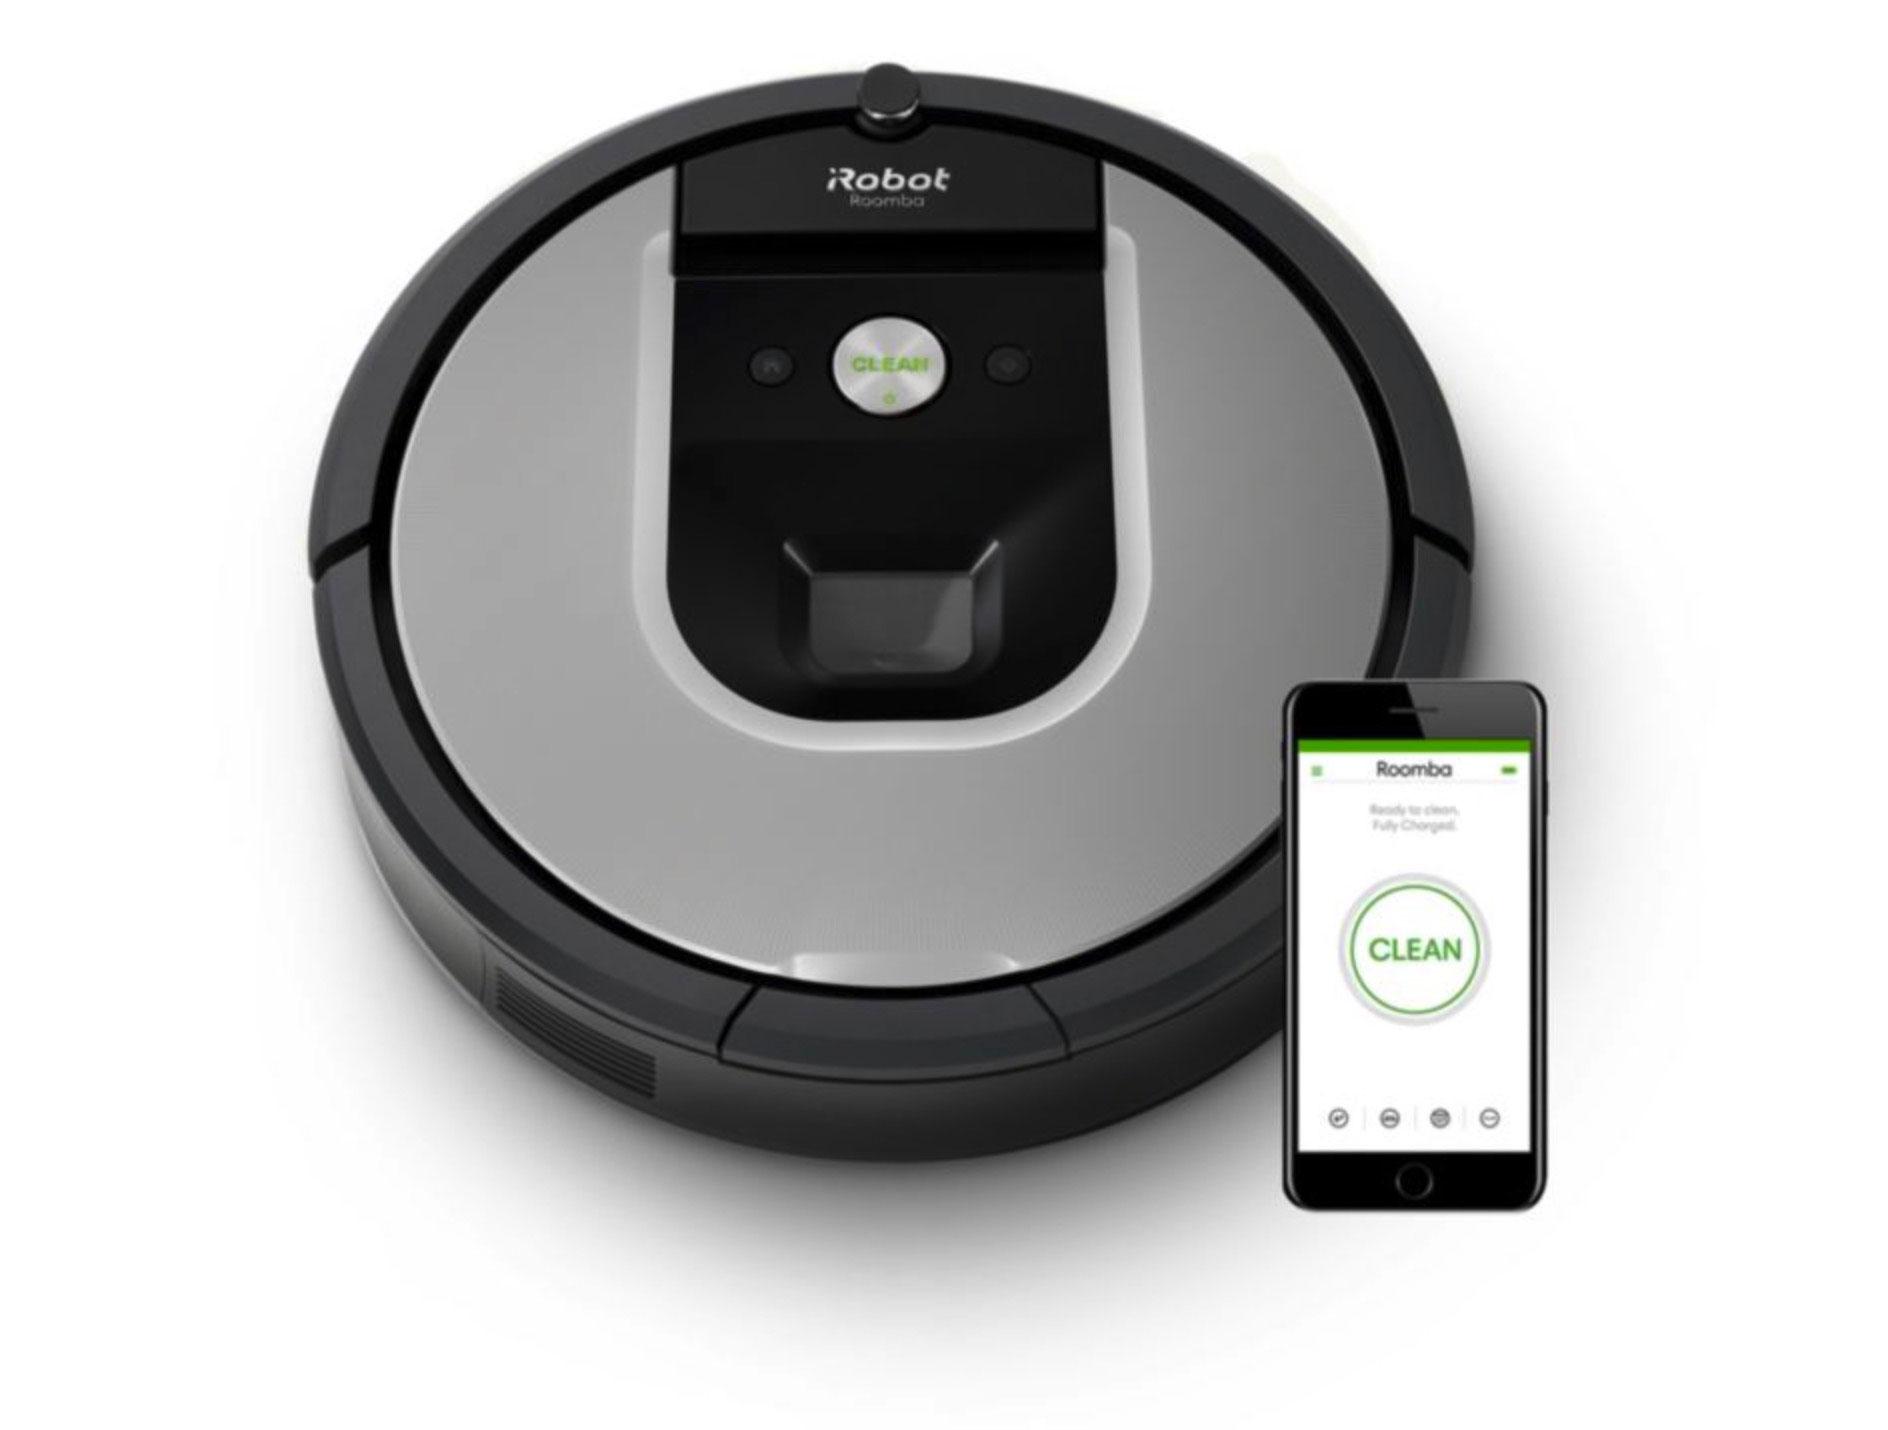 Le Roomba 965, un robot aspirateur très complet